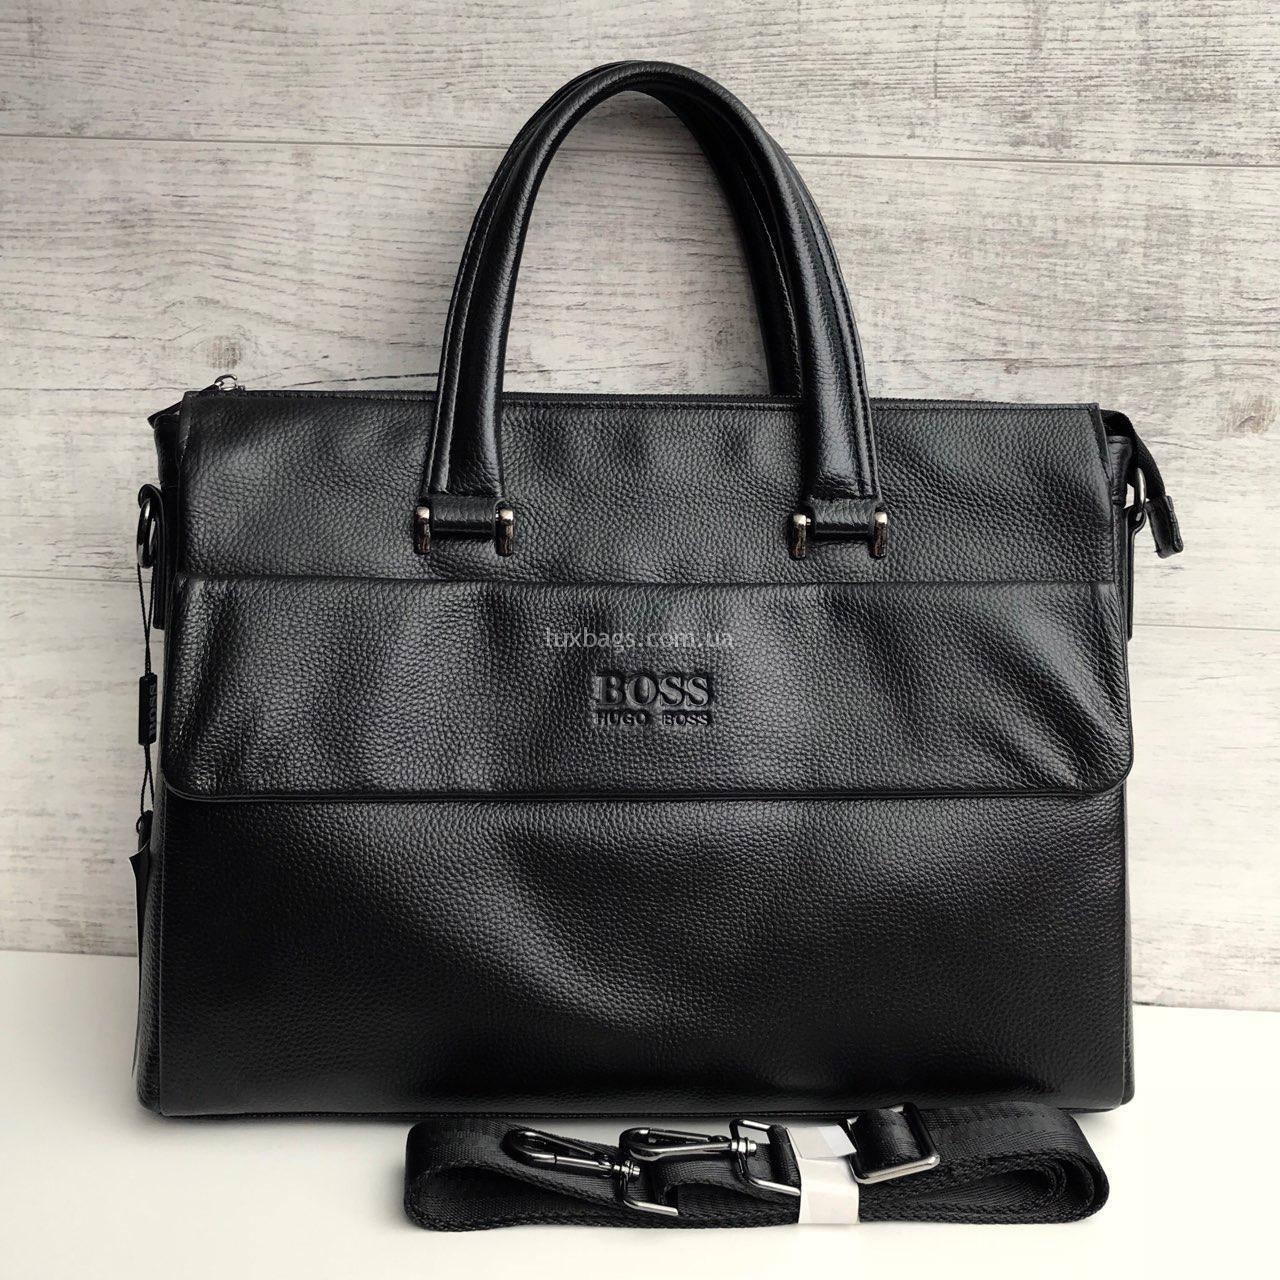 1a5acbf55759 Черный кожаный портфель Hugo Boss Купить на lux-bags